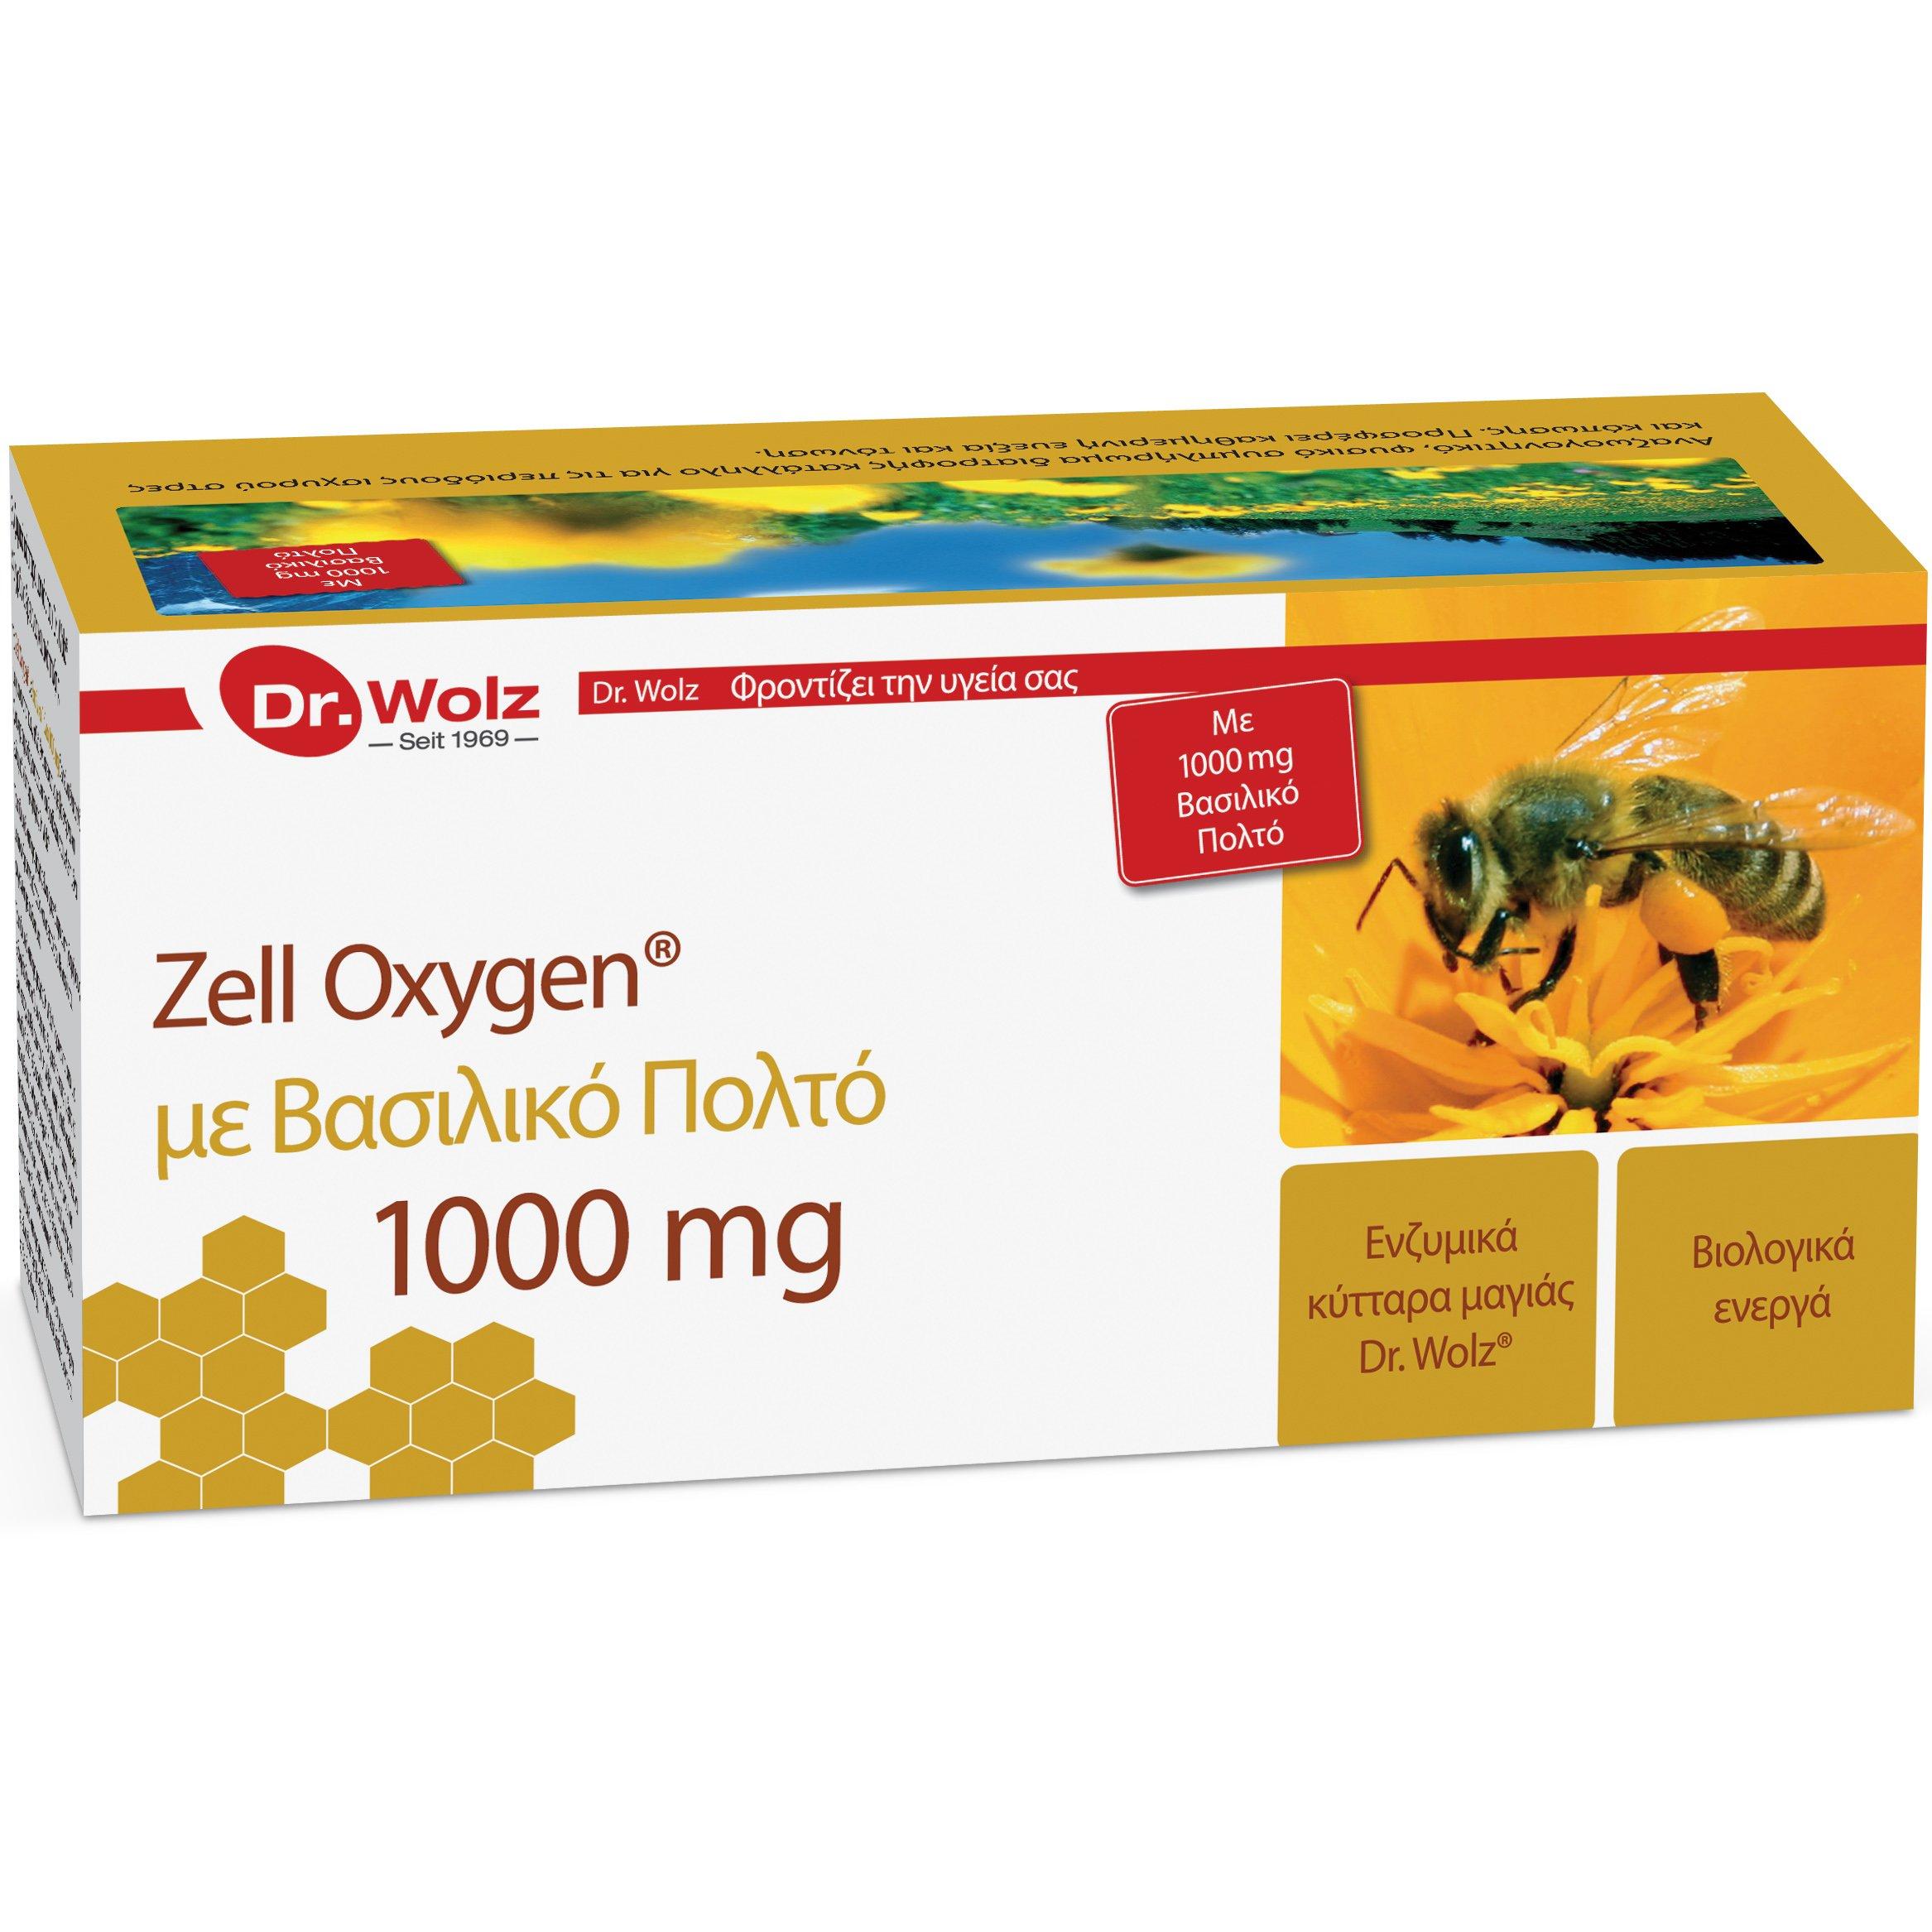 Power Health Zell Oxygen Gelee Royale 1000mg 100% Φυσικό Σκεύασμα για Τόνωση & Ενίσχυση των Λειτουργιών του Οργανισμού 14x20ml